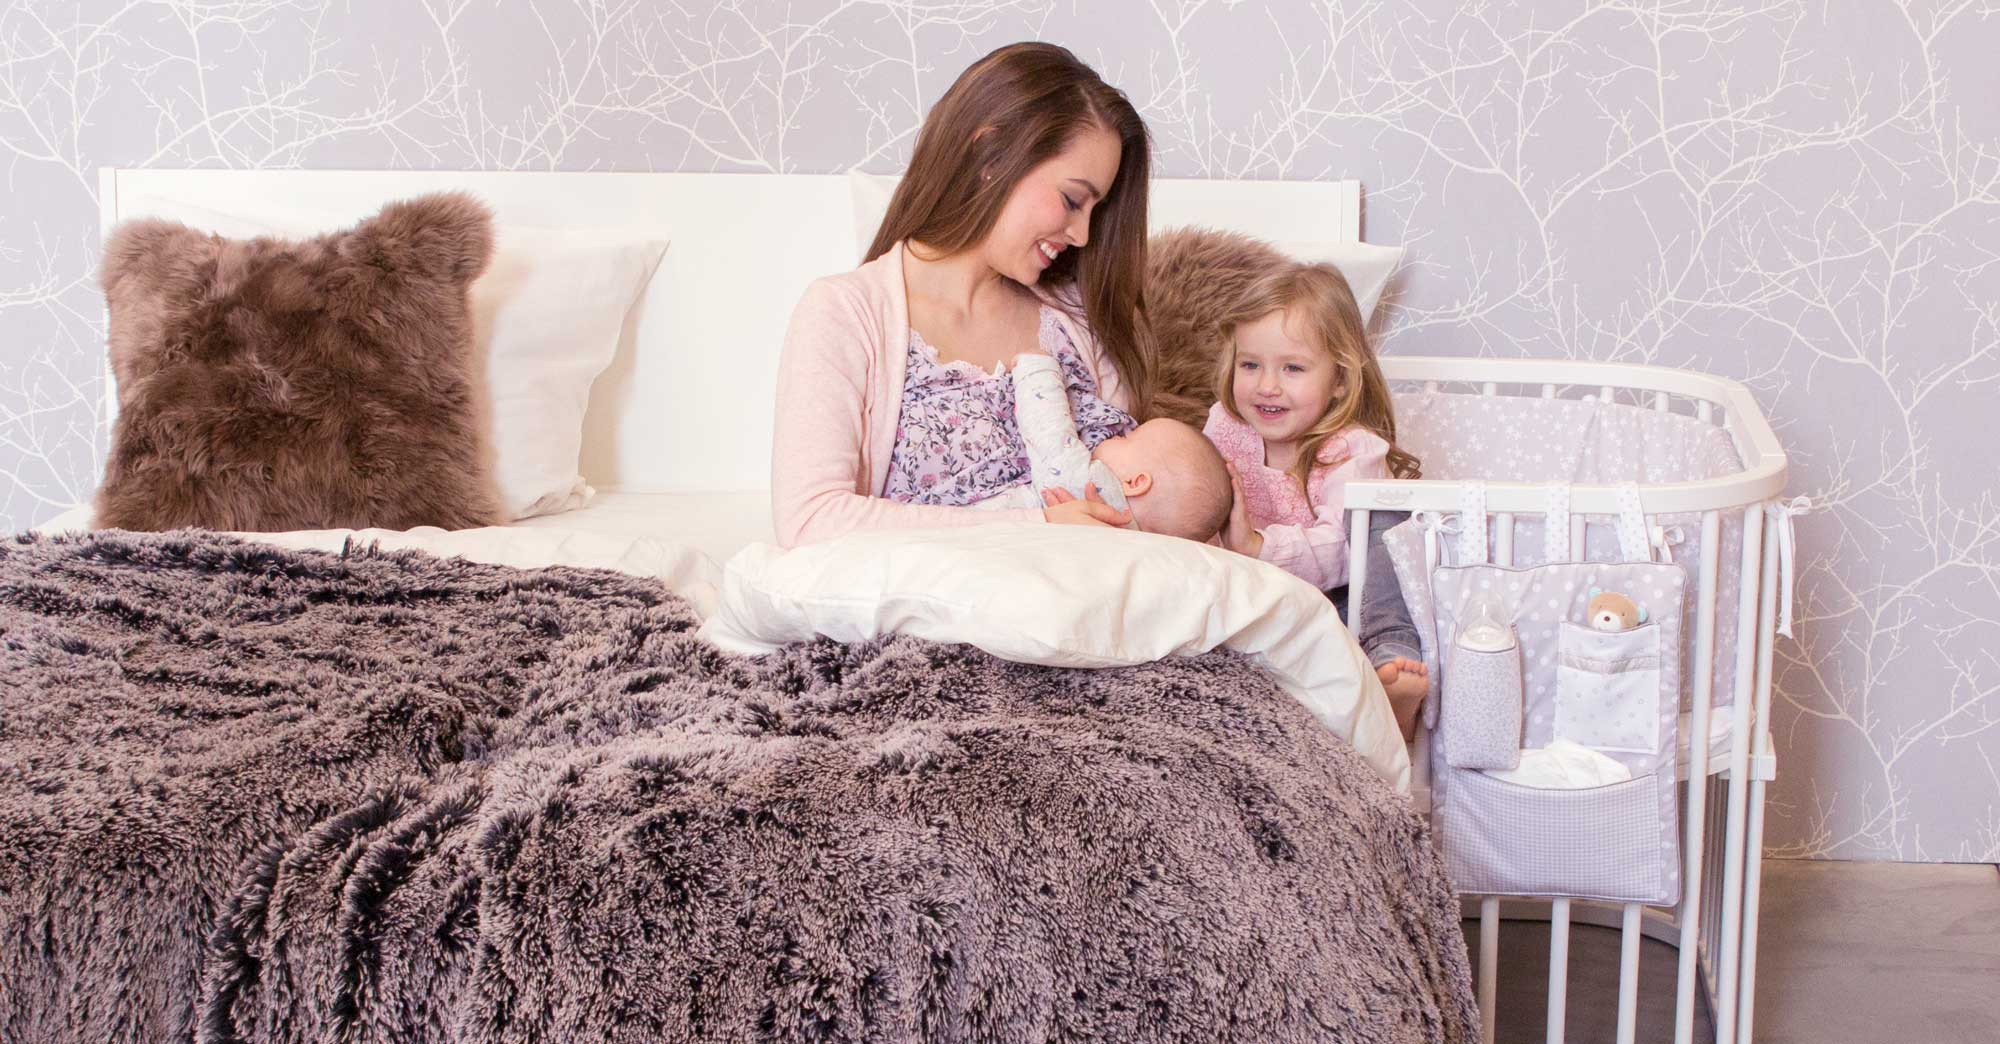 Beistellbett zwillinge  babybay Beistellbett Maxi Gesund Schlafen & Stillen Betten